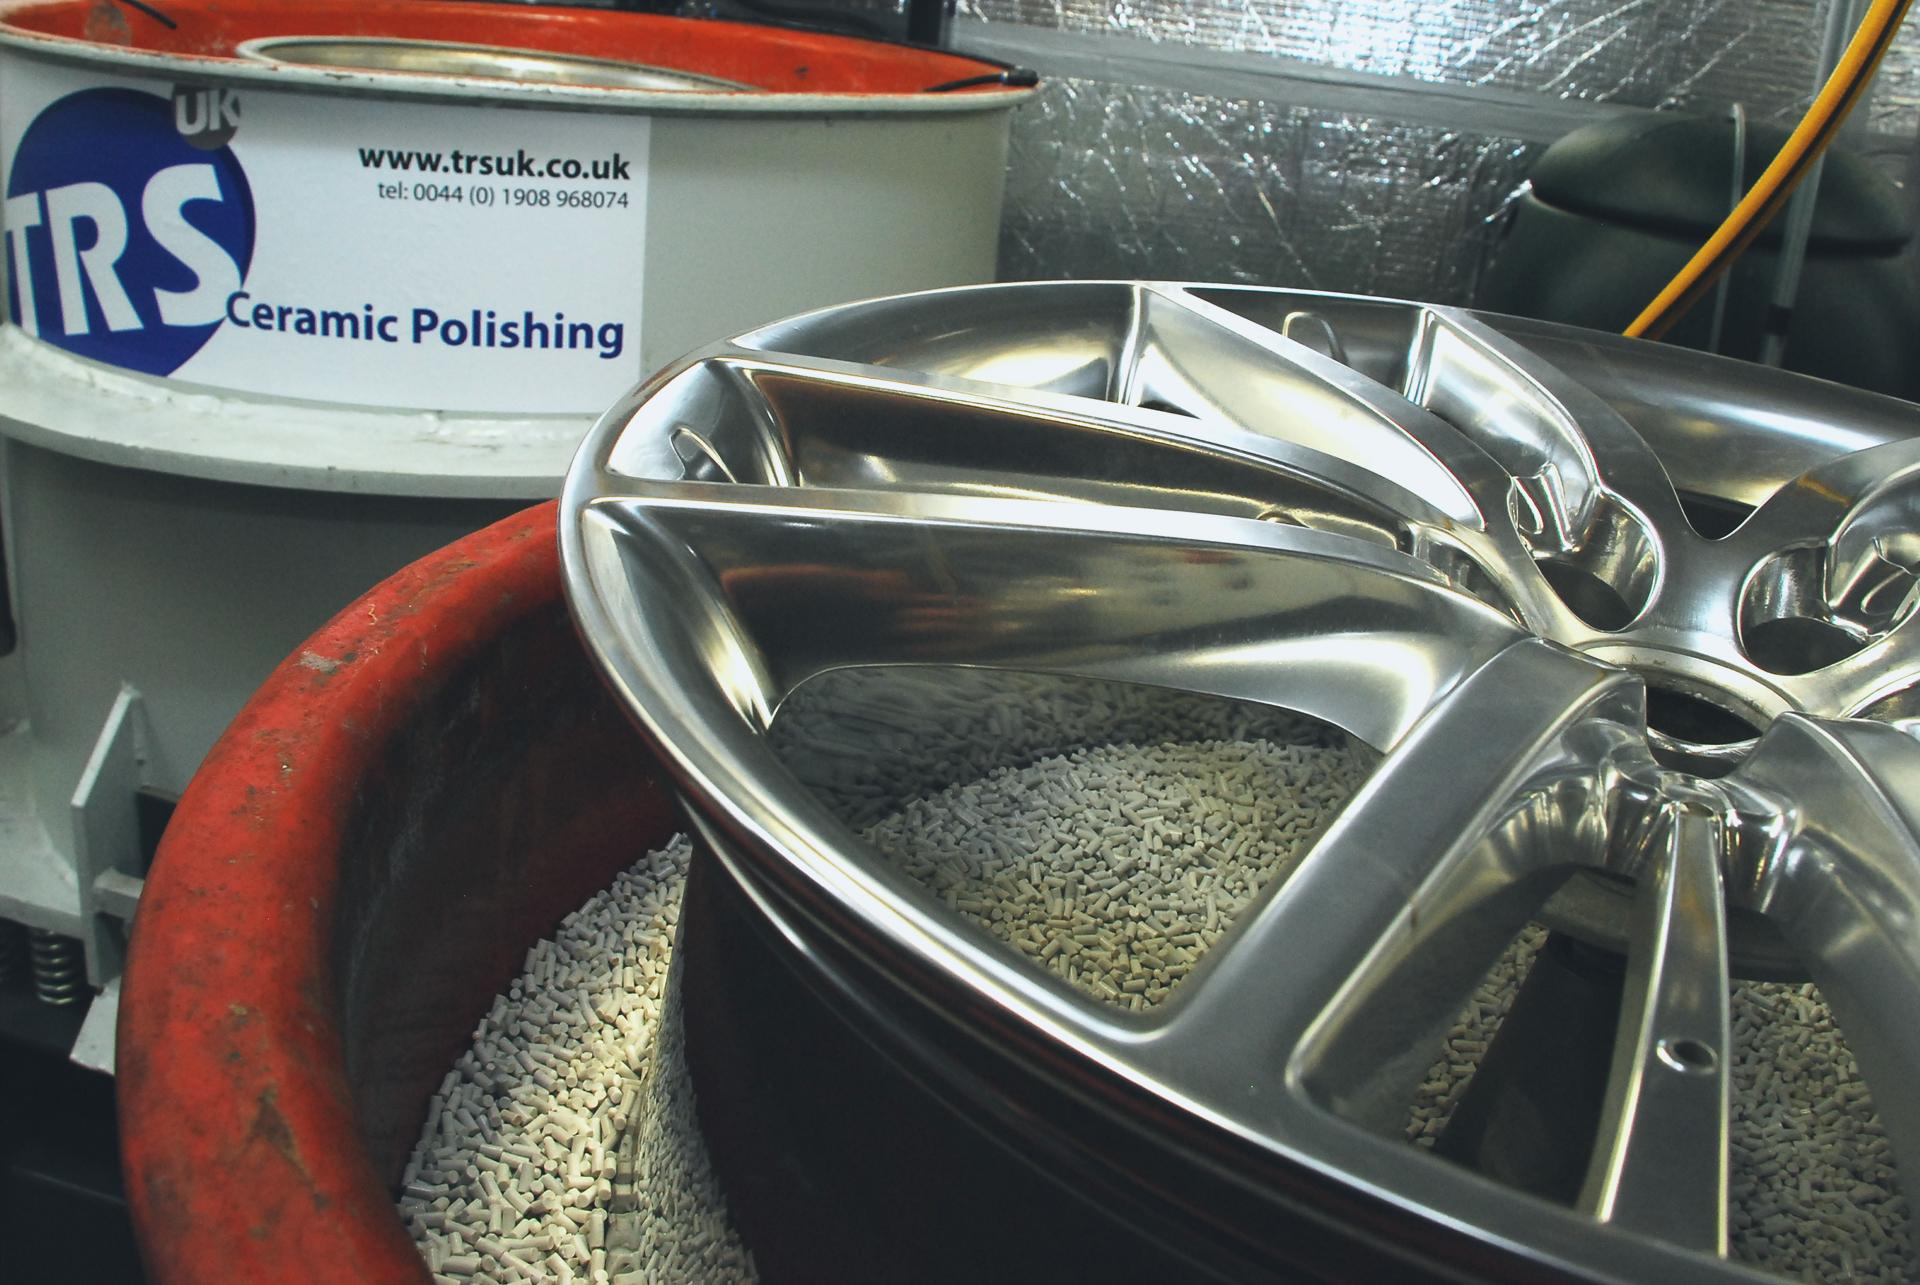 Ceramic Polishing